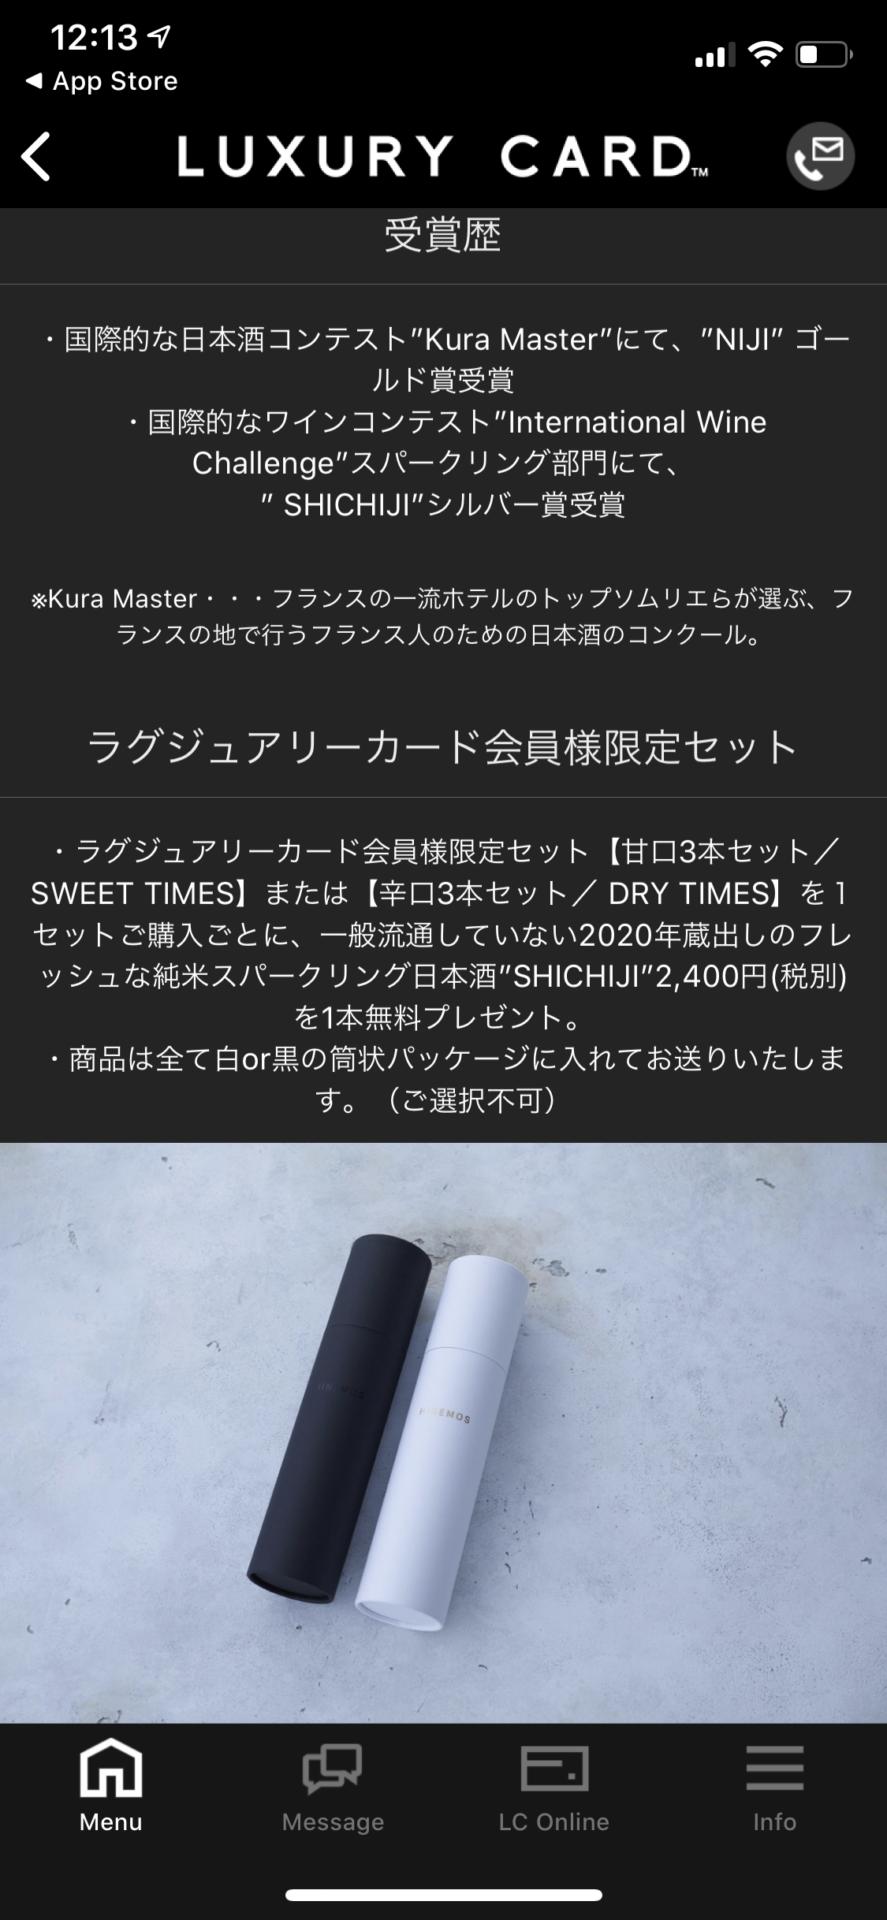 ラグジュアリーカード限定の日本酒優待 (4)